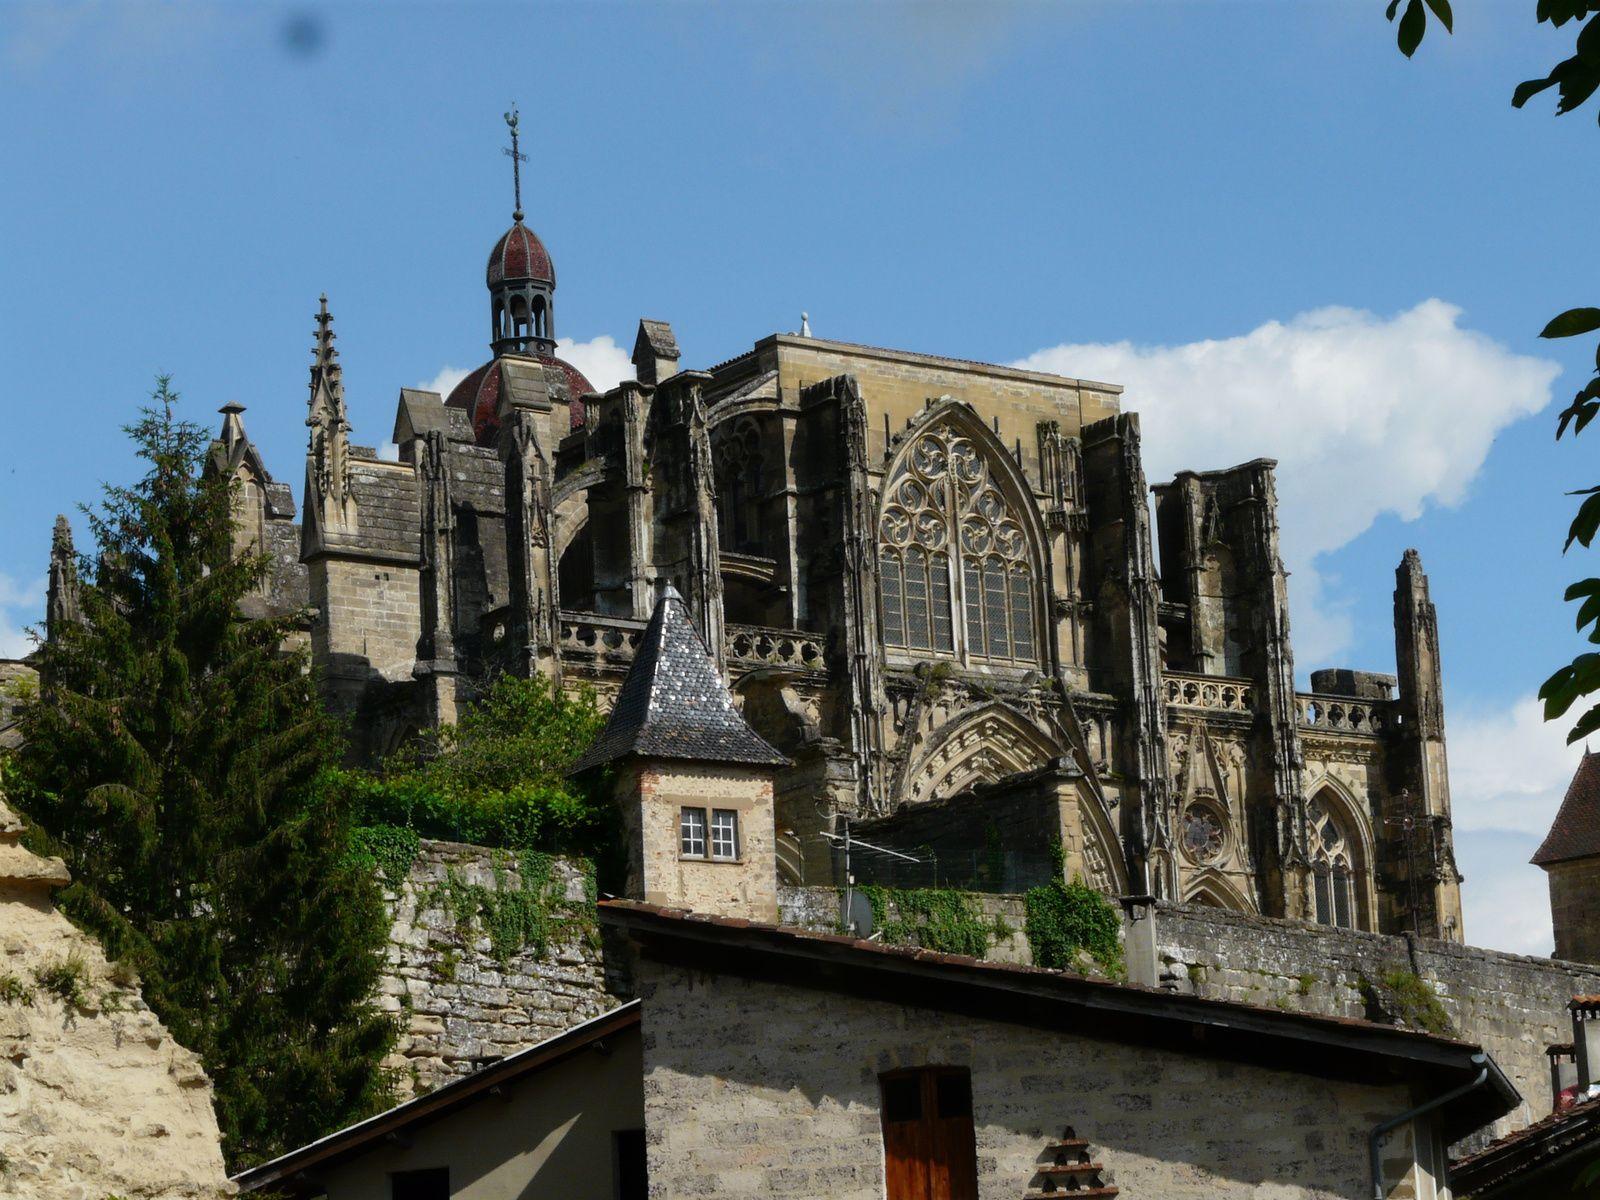 La visite de Saint-Antoine-l'Abbaye clôturait cette belle escapade d'une journée.                                             (crédits photos BBP/MG)